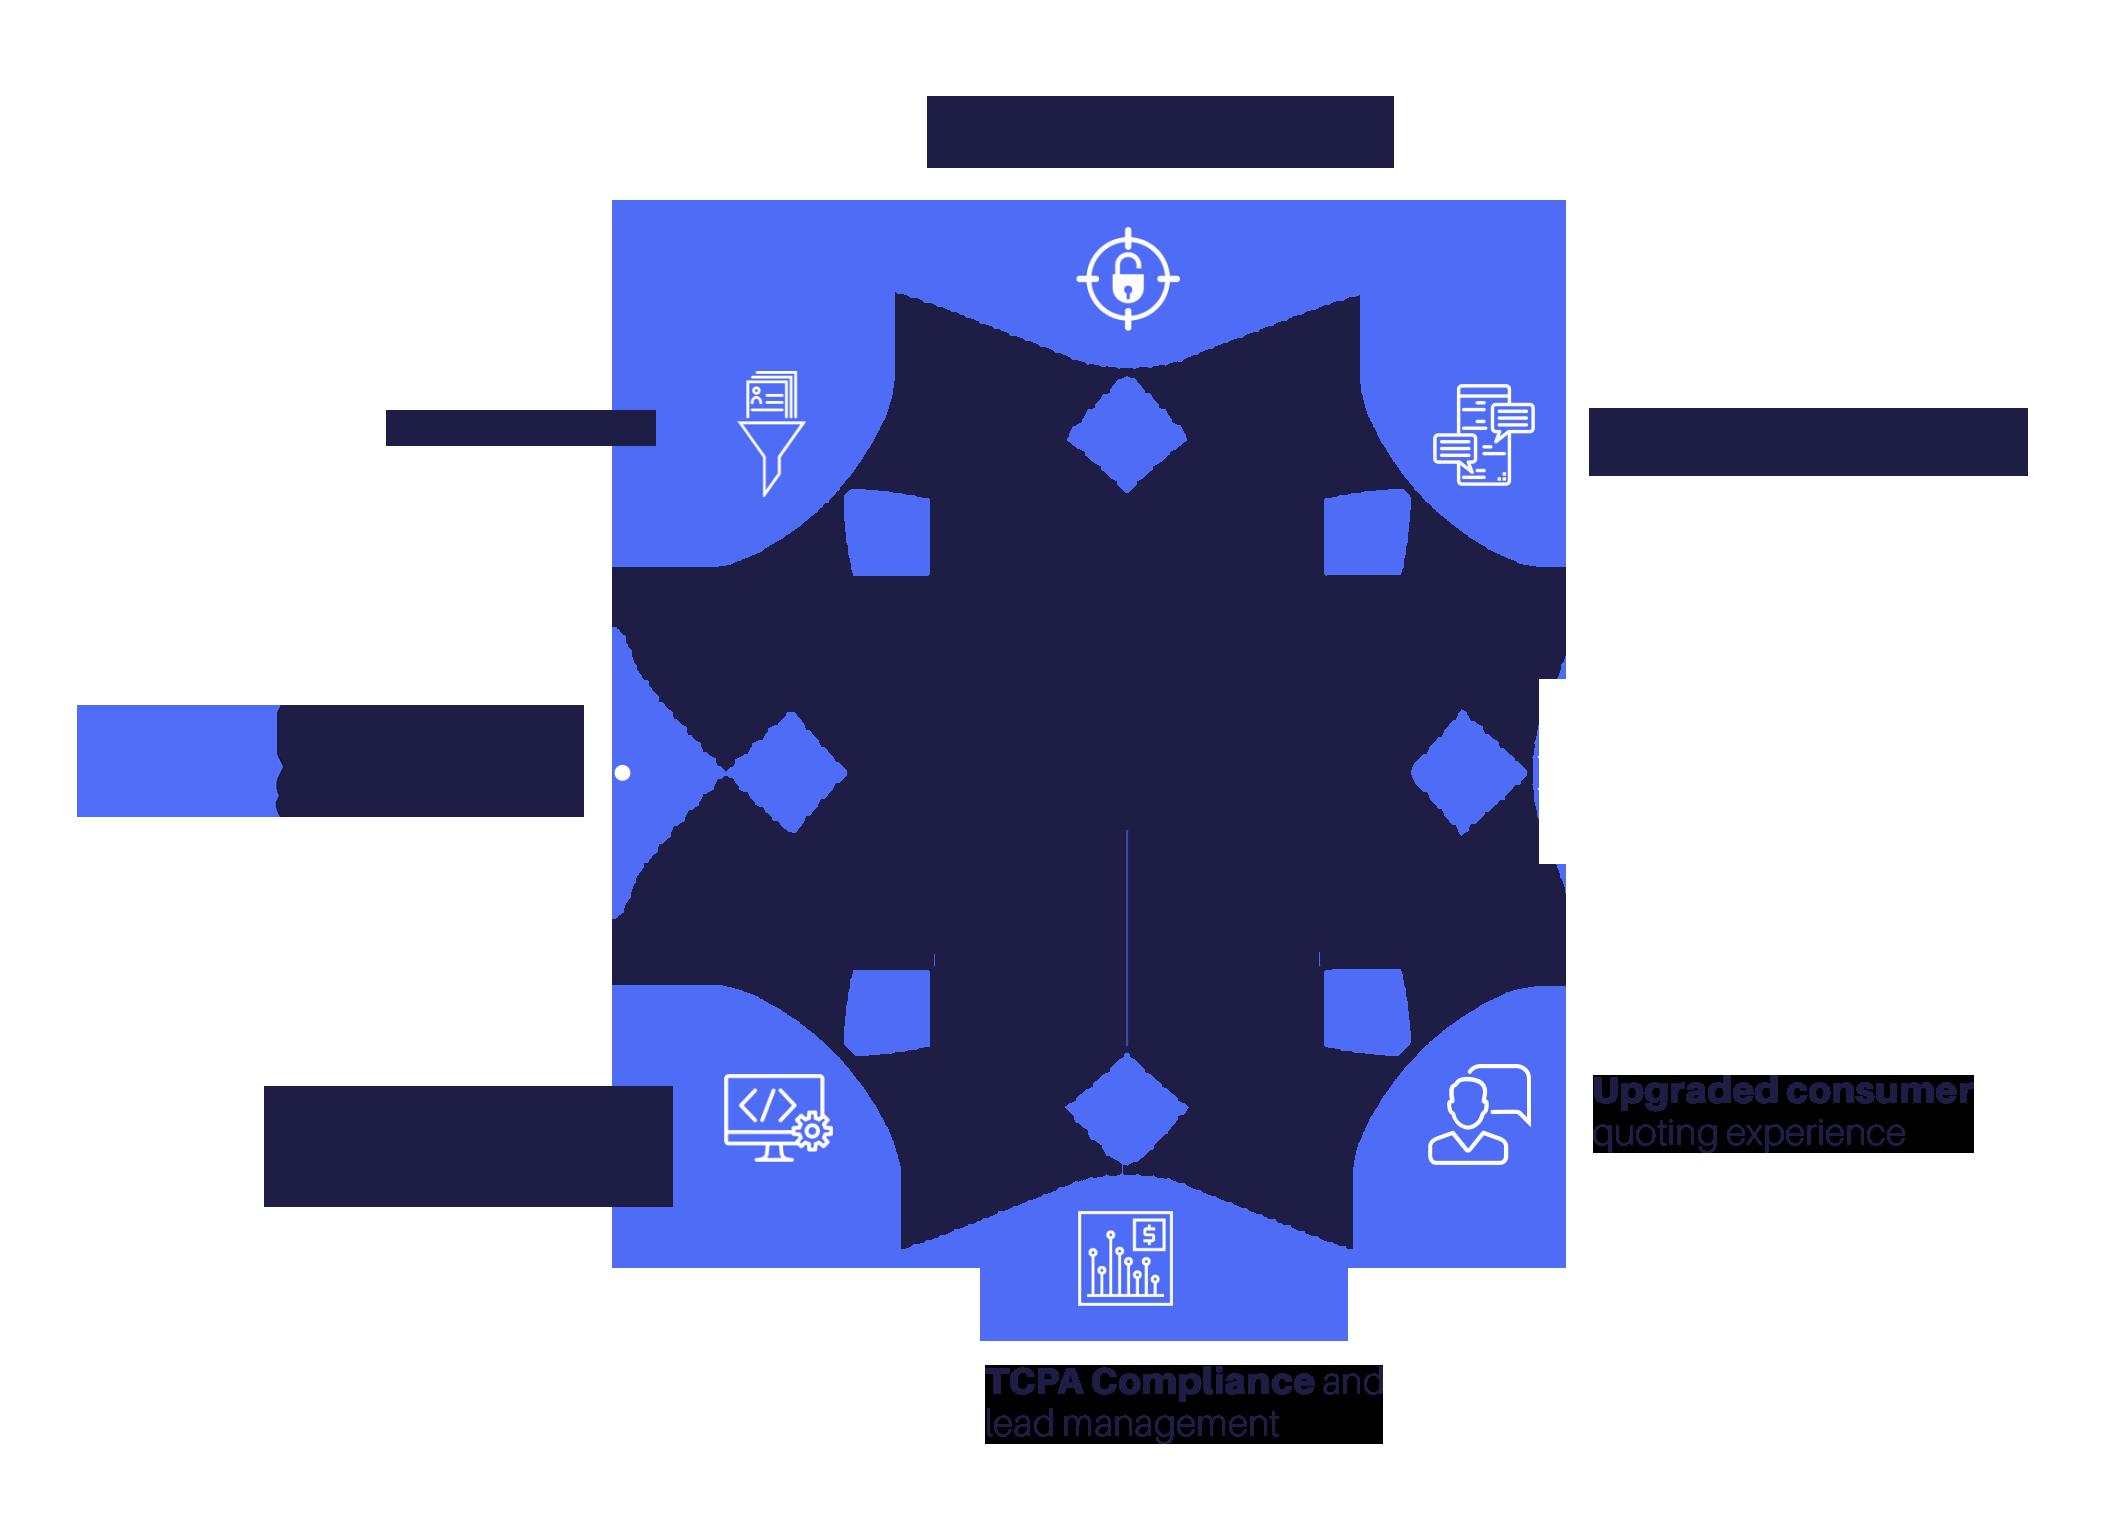 Felton Solutions | Partner Ecosystem